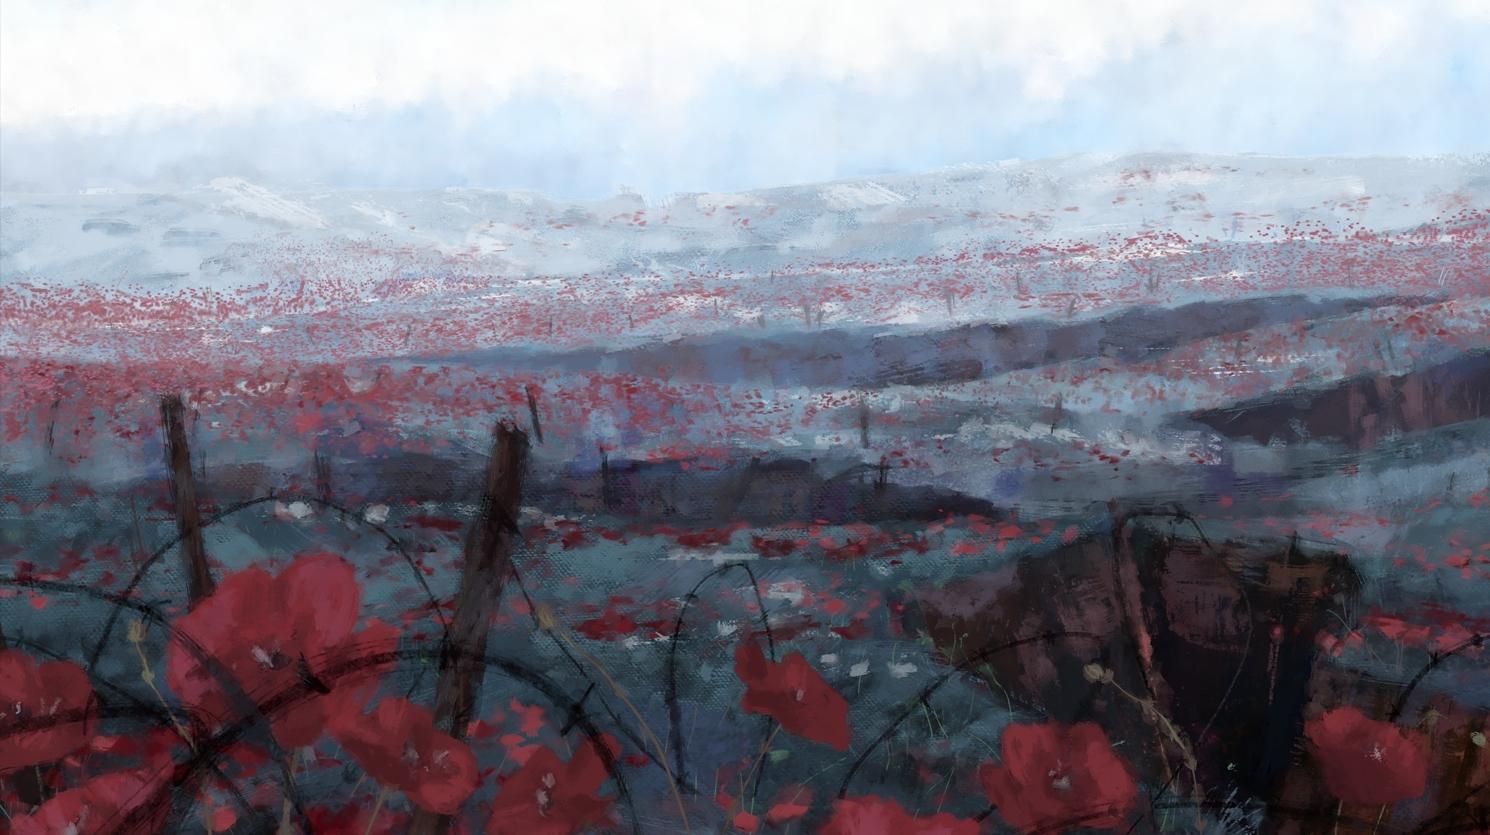 عنوان ماجراجویی ۱۱-۱۱: Memories Retold در جنگ جهانی اول رخ خواهد داد